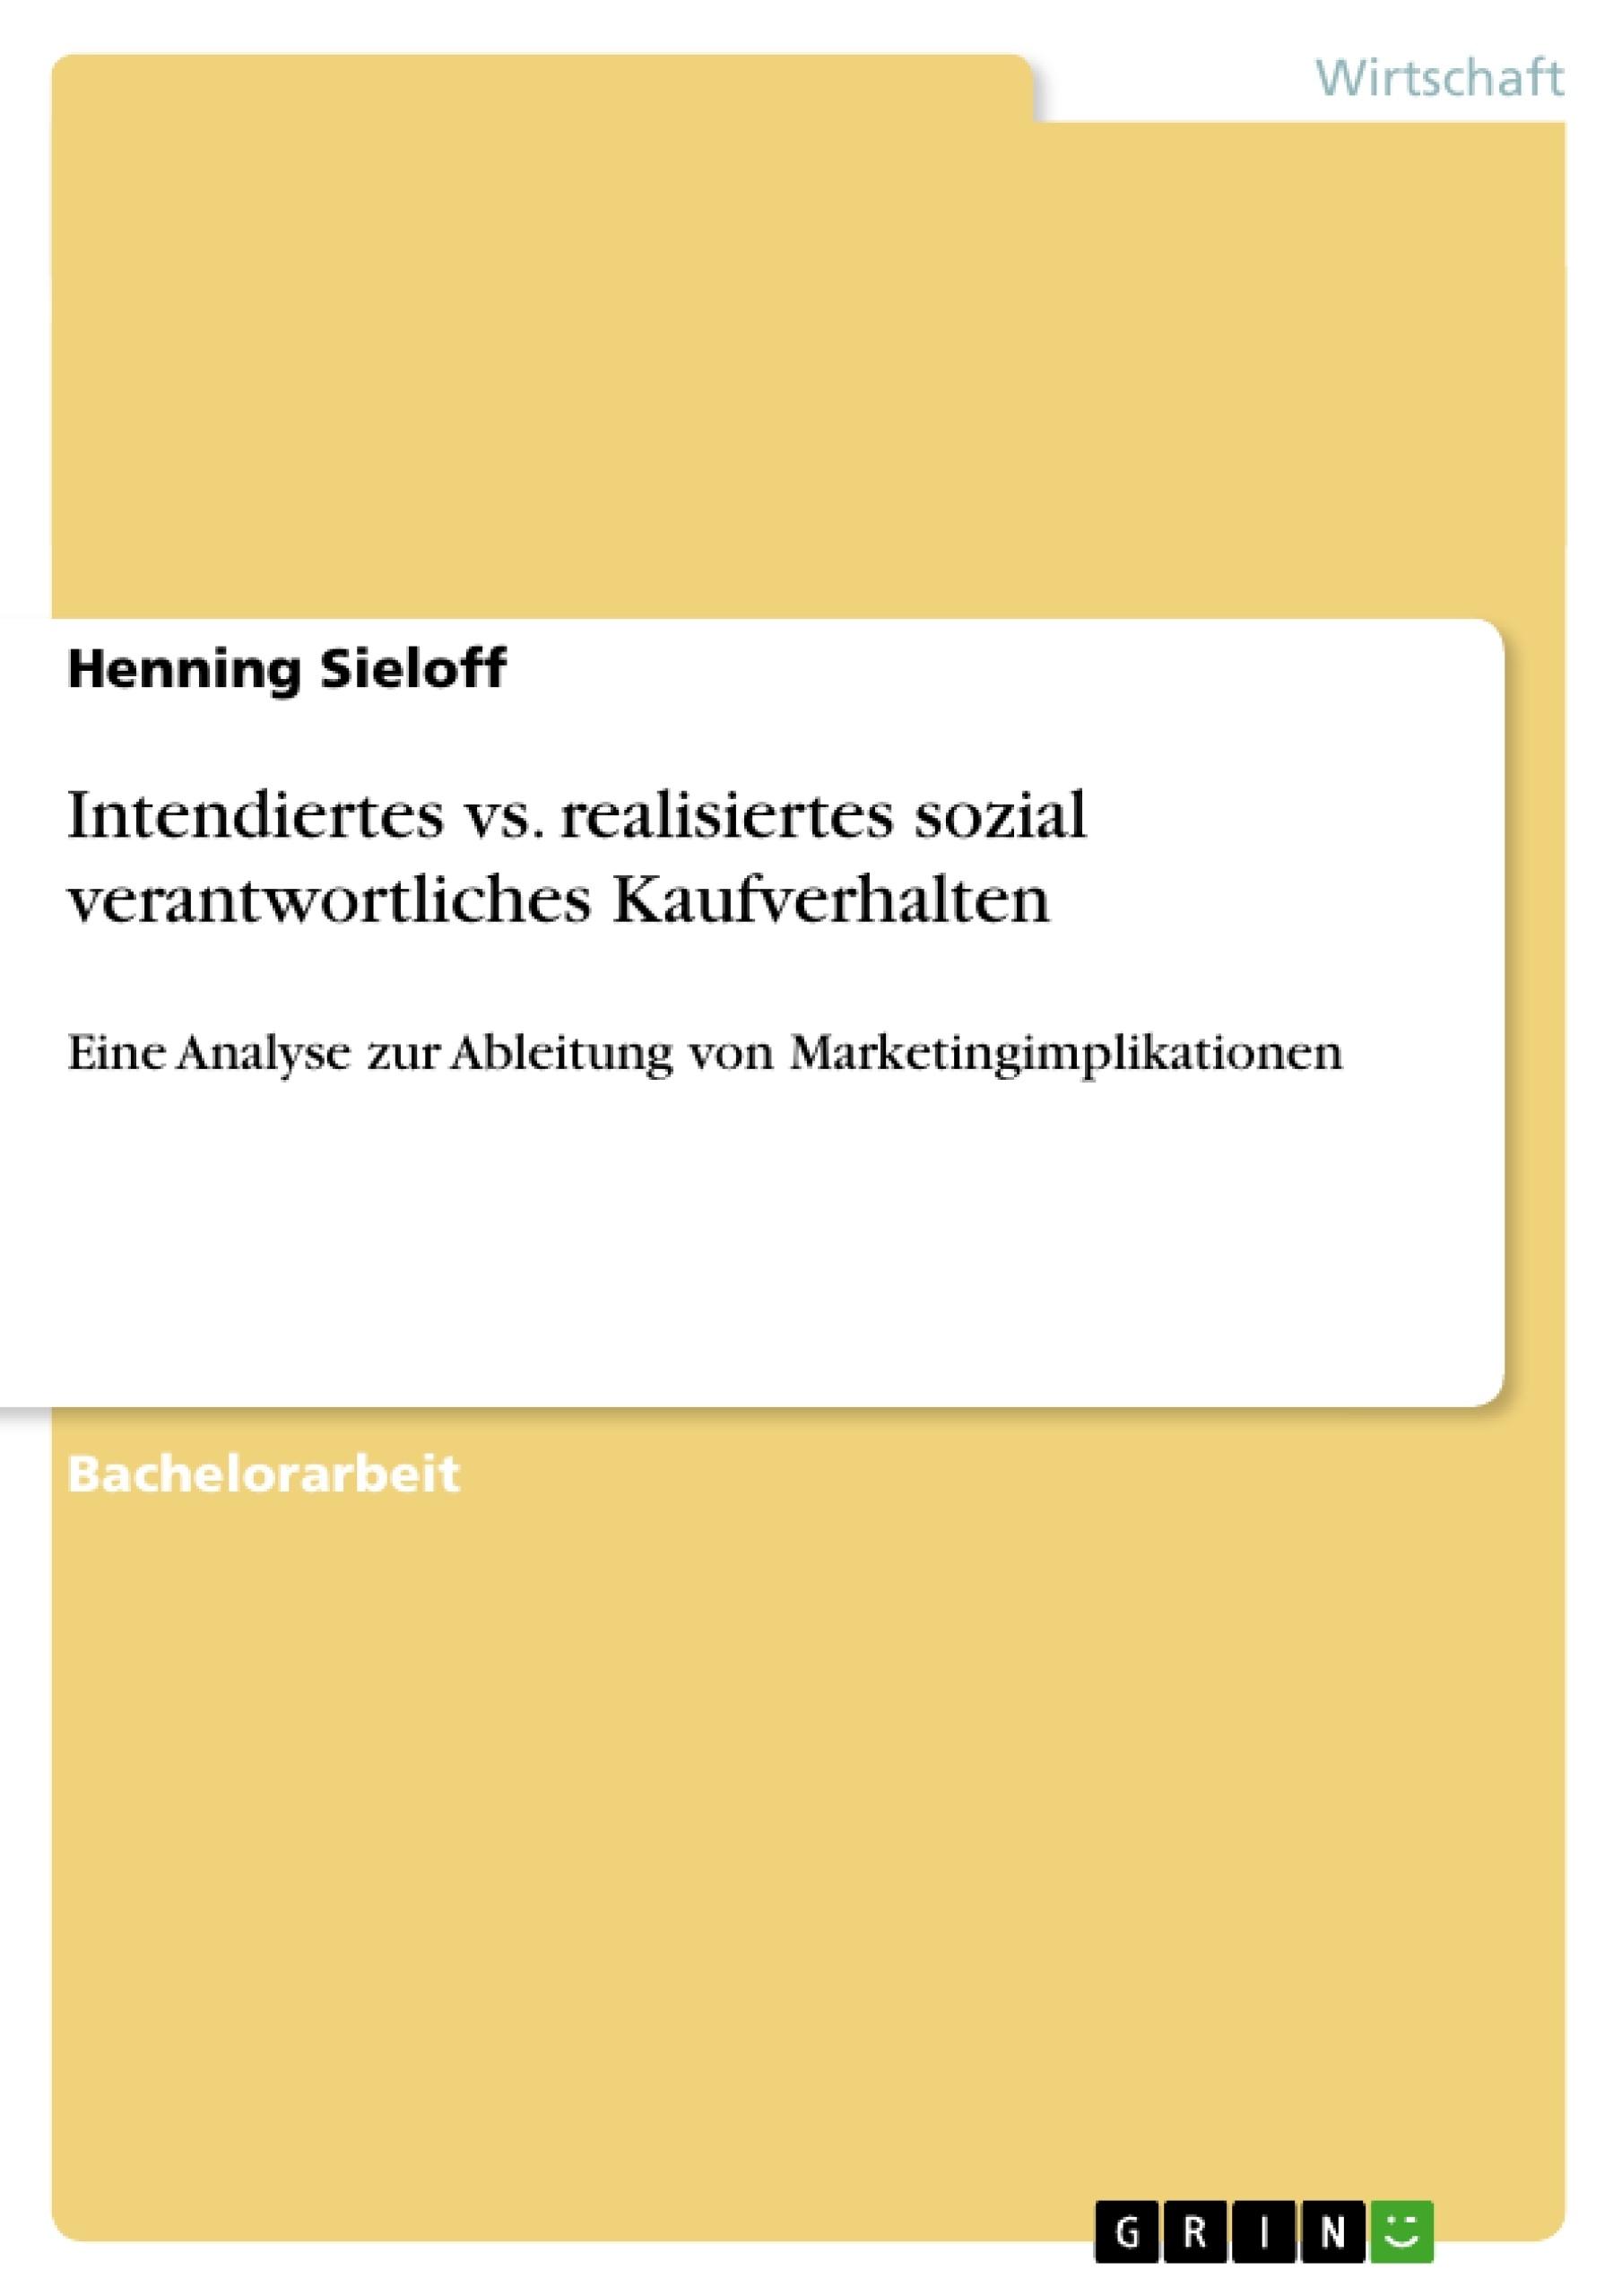 Titel: Intendiertes vs. realisiertes sozial verantwortliches Kaufverhalten